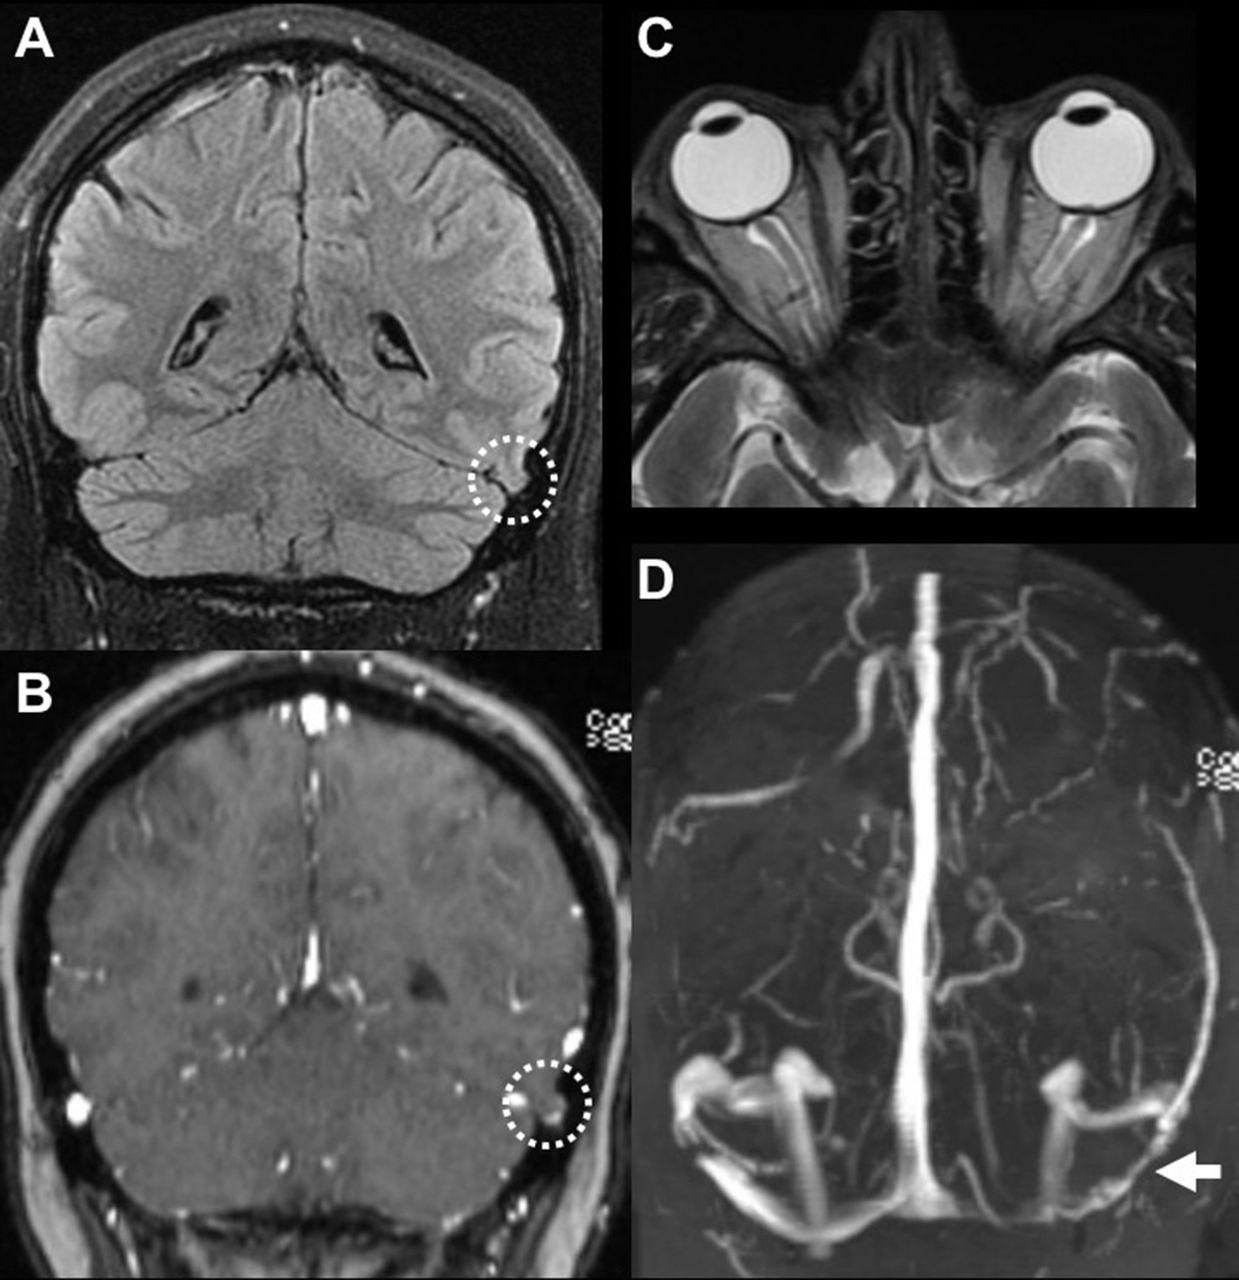 E-059 Dural venous sinus cephaloceles in the pulsatile